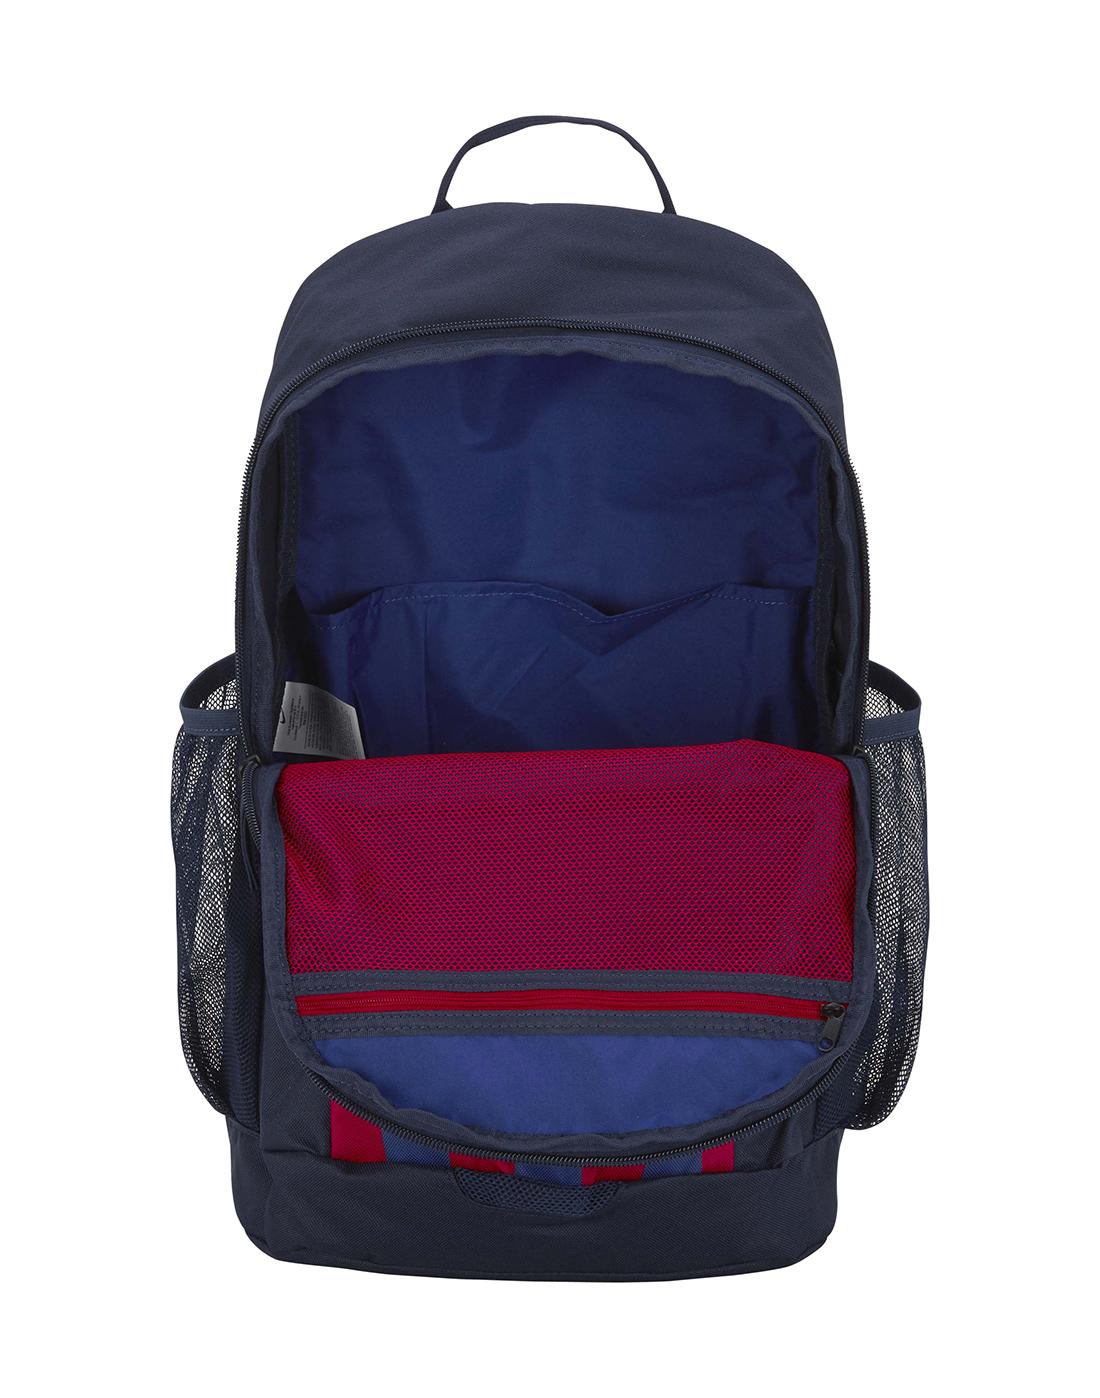 31d2ad8f890 Barca Backpack · Barca Backpack · Barca Backpack